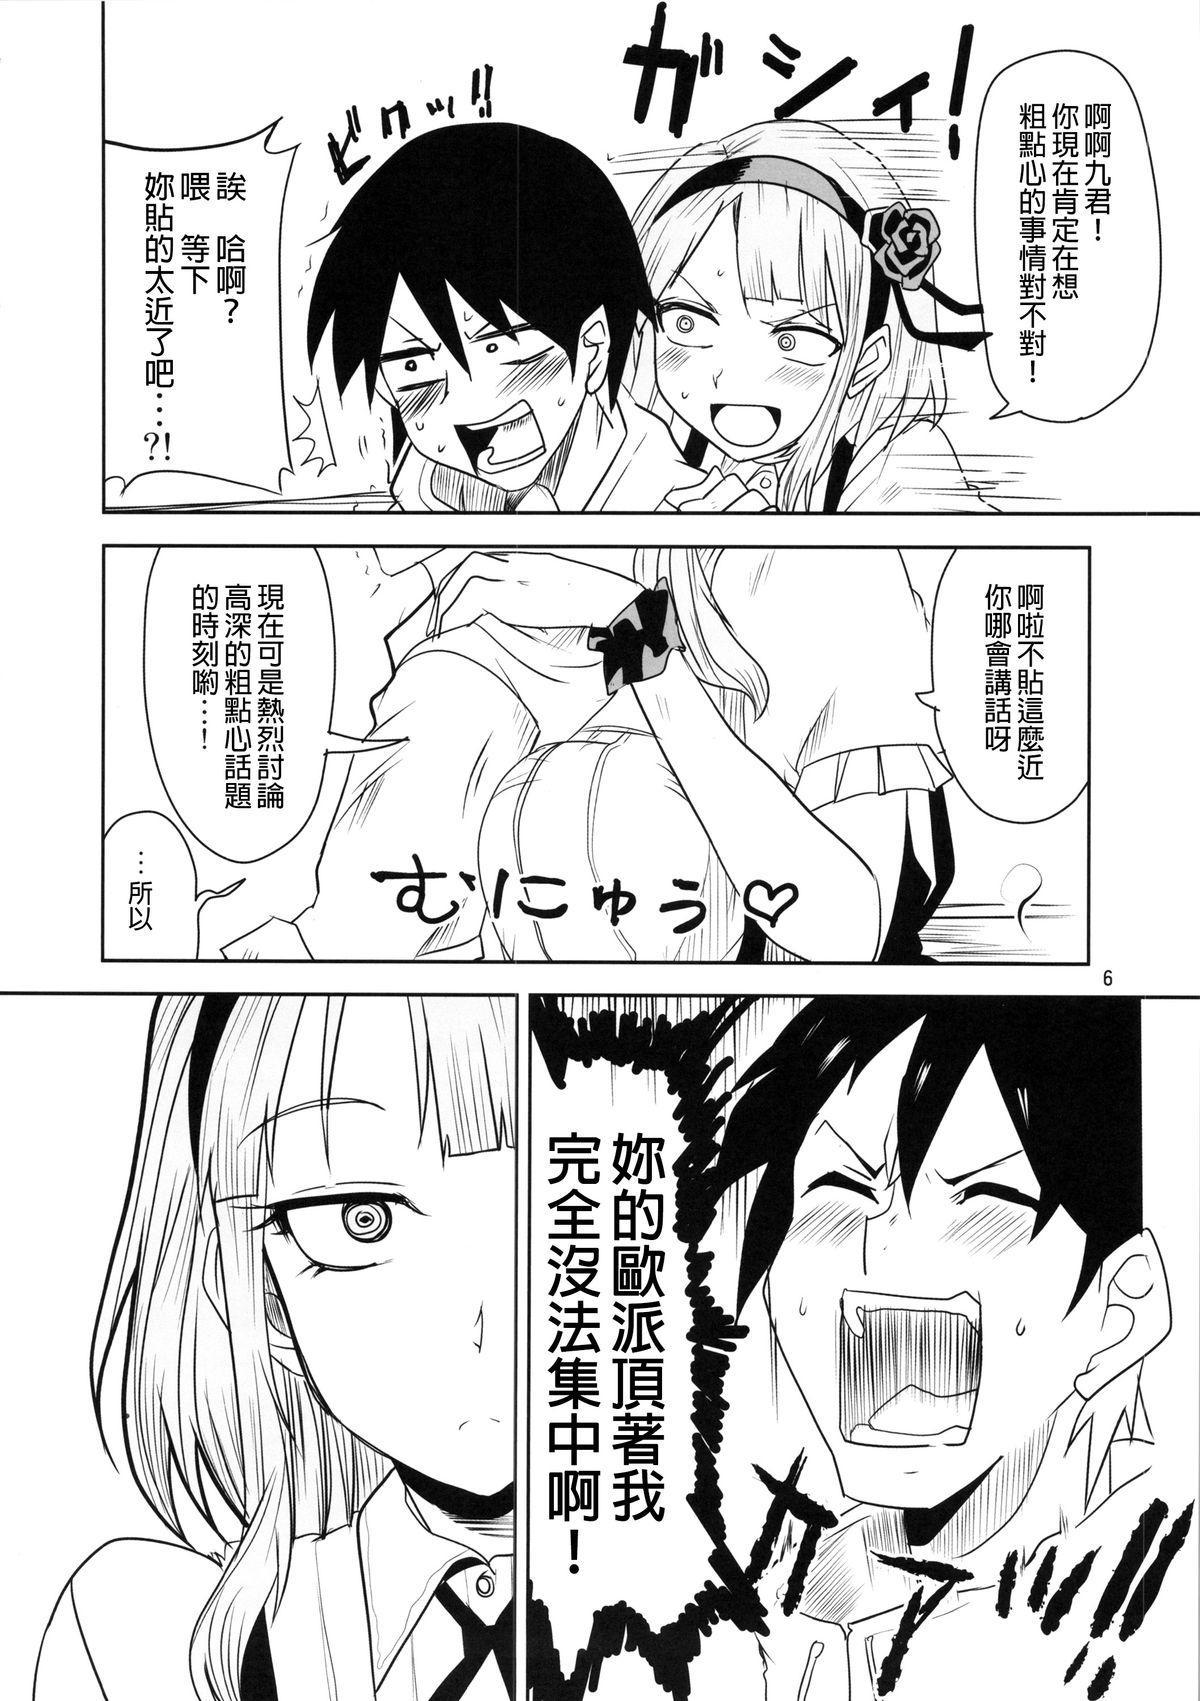 Dagashi Chichi 7